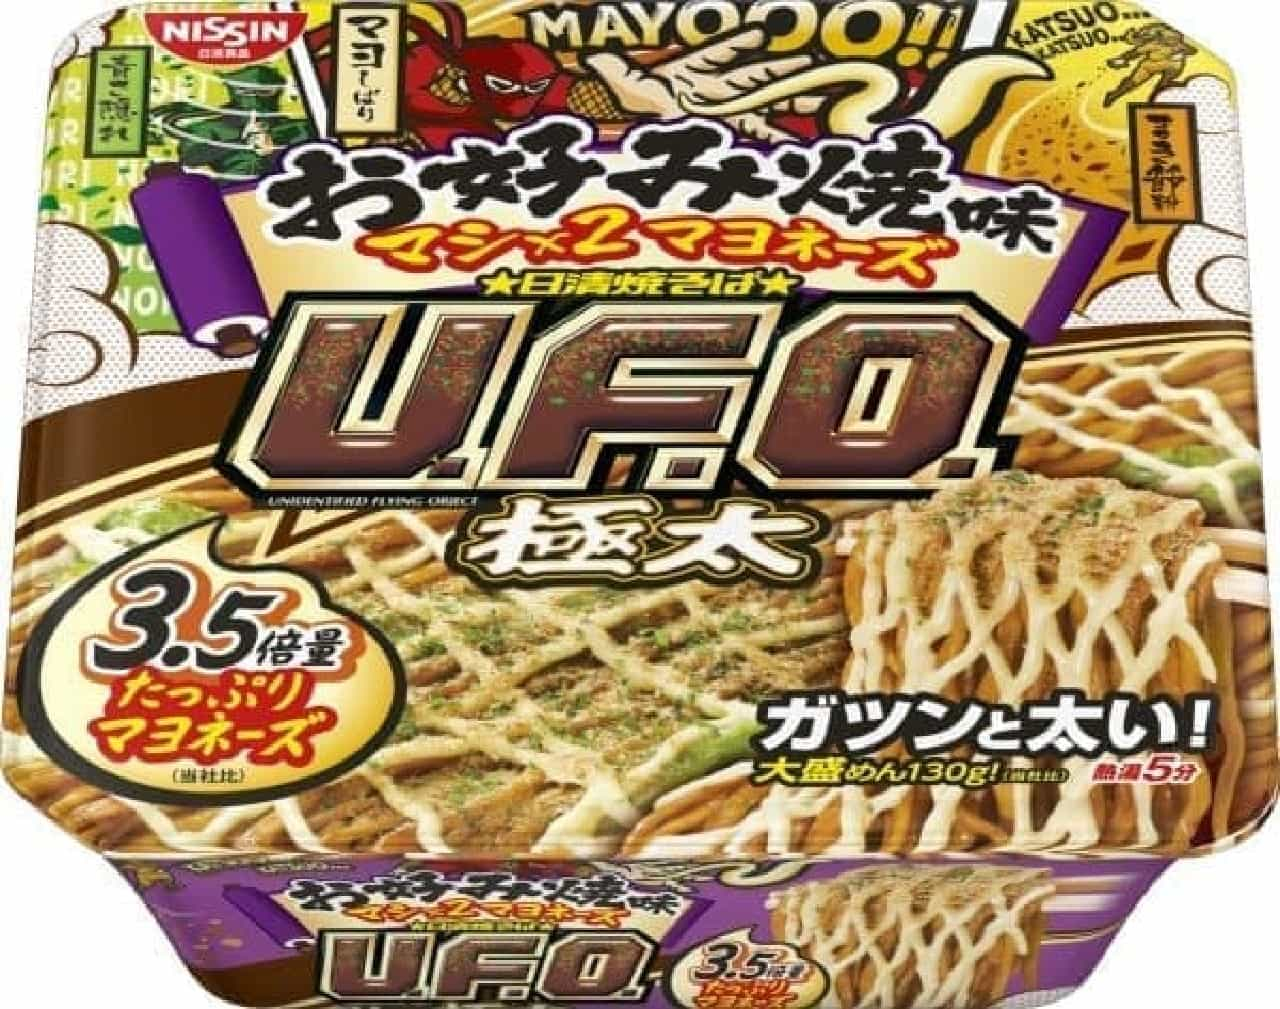 日清食品「日清焼そばU.F.O.極太 お好み焼味マシ×2マヨネーズ」